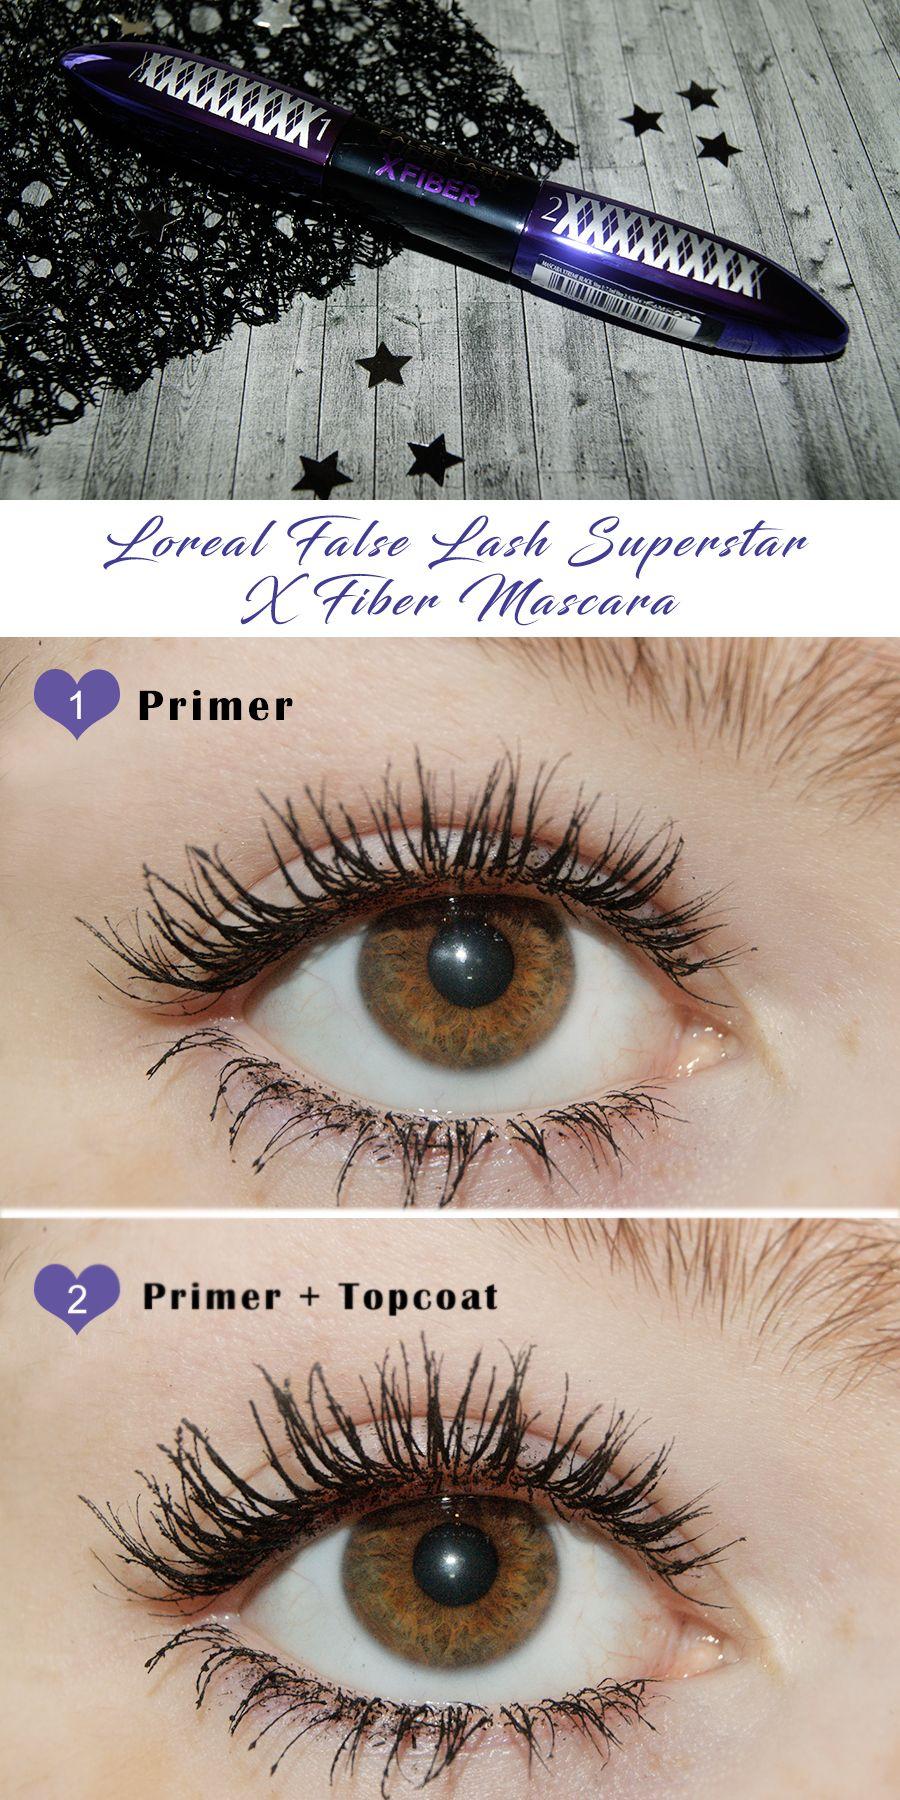 856eb1843a2 Loreal False Lash Superstar X Fiber Mascara Fiber Mascara, Makeup Trends,  My Beauty,